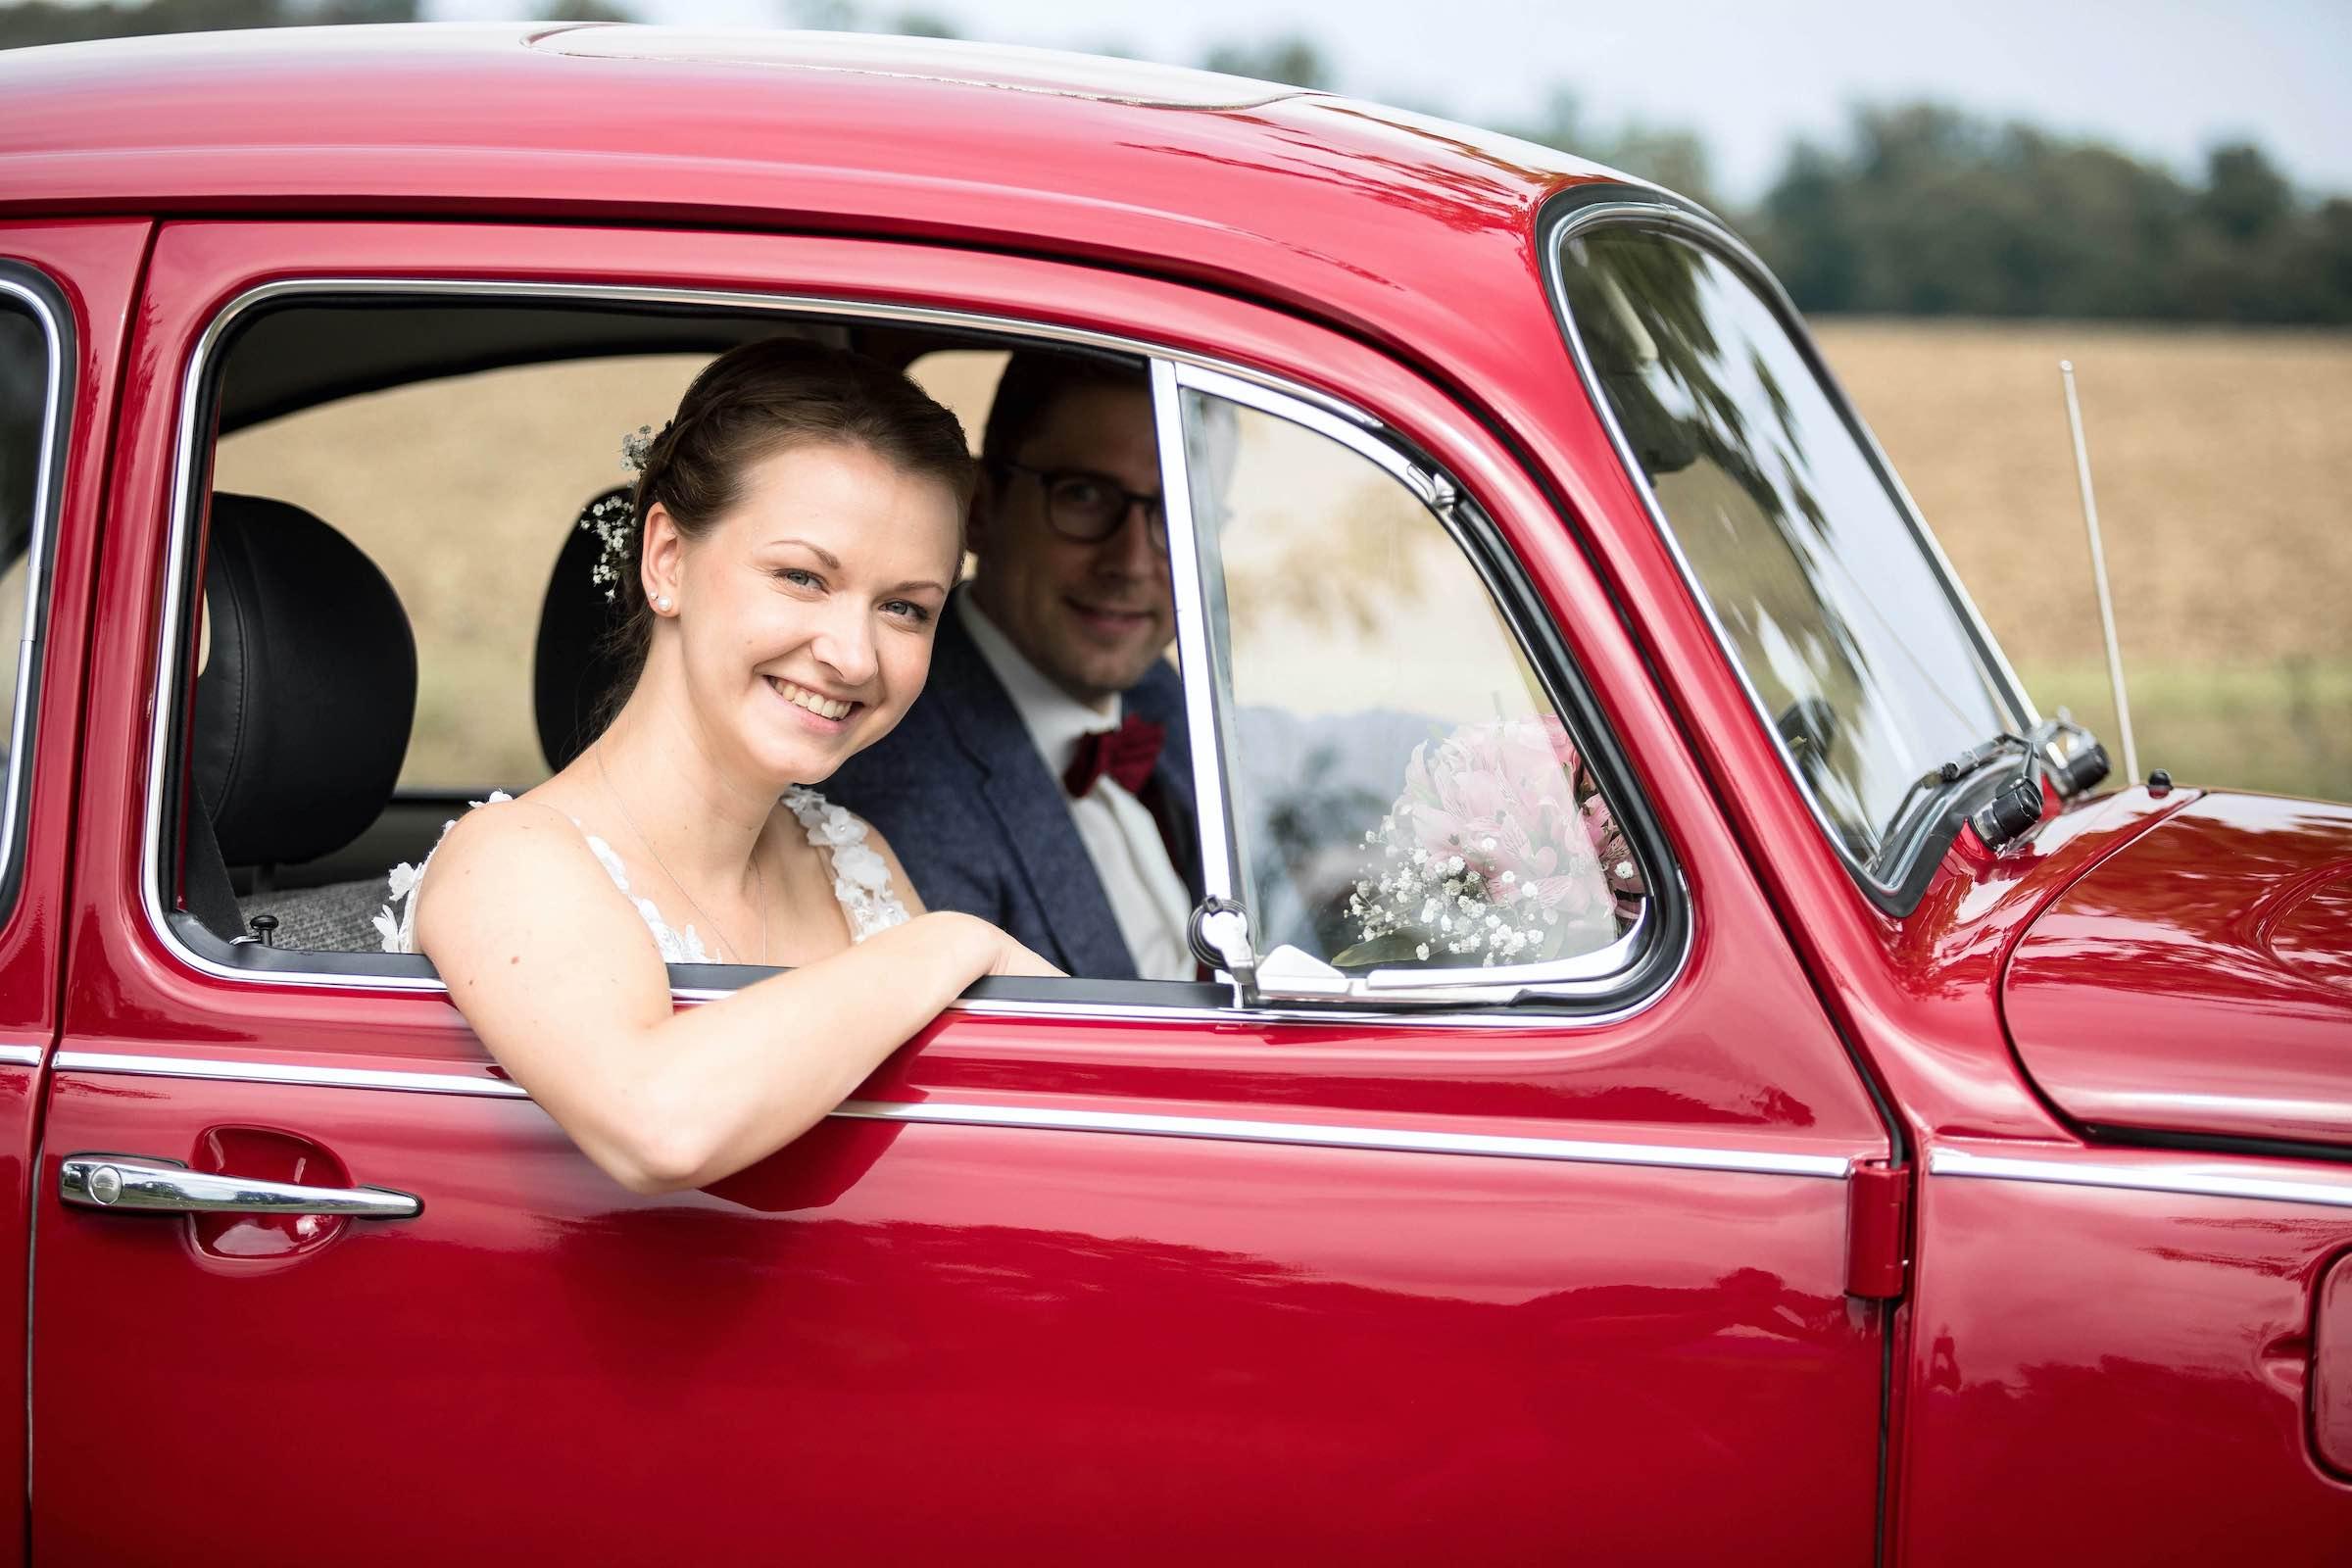 Oldtimer | VW | Käfer | Hochzeitsauto | Brautwagen | Classic | Car | Vermietung | Hochzeit | Event | Mieten | Leihen | Buchen